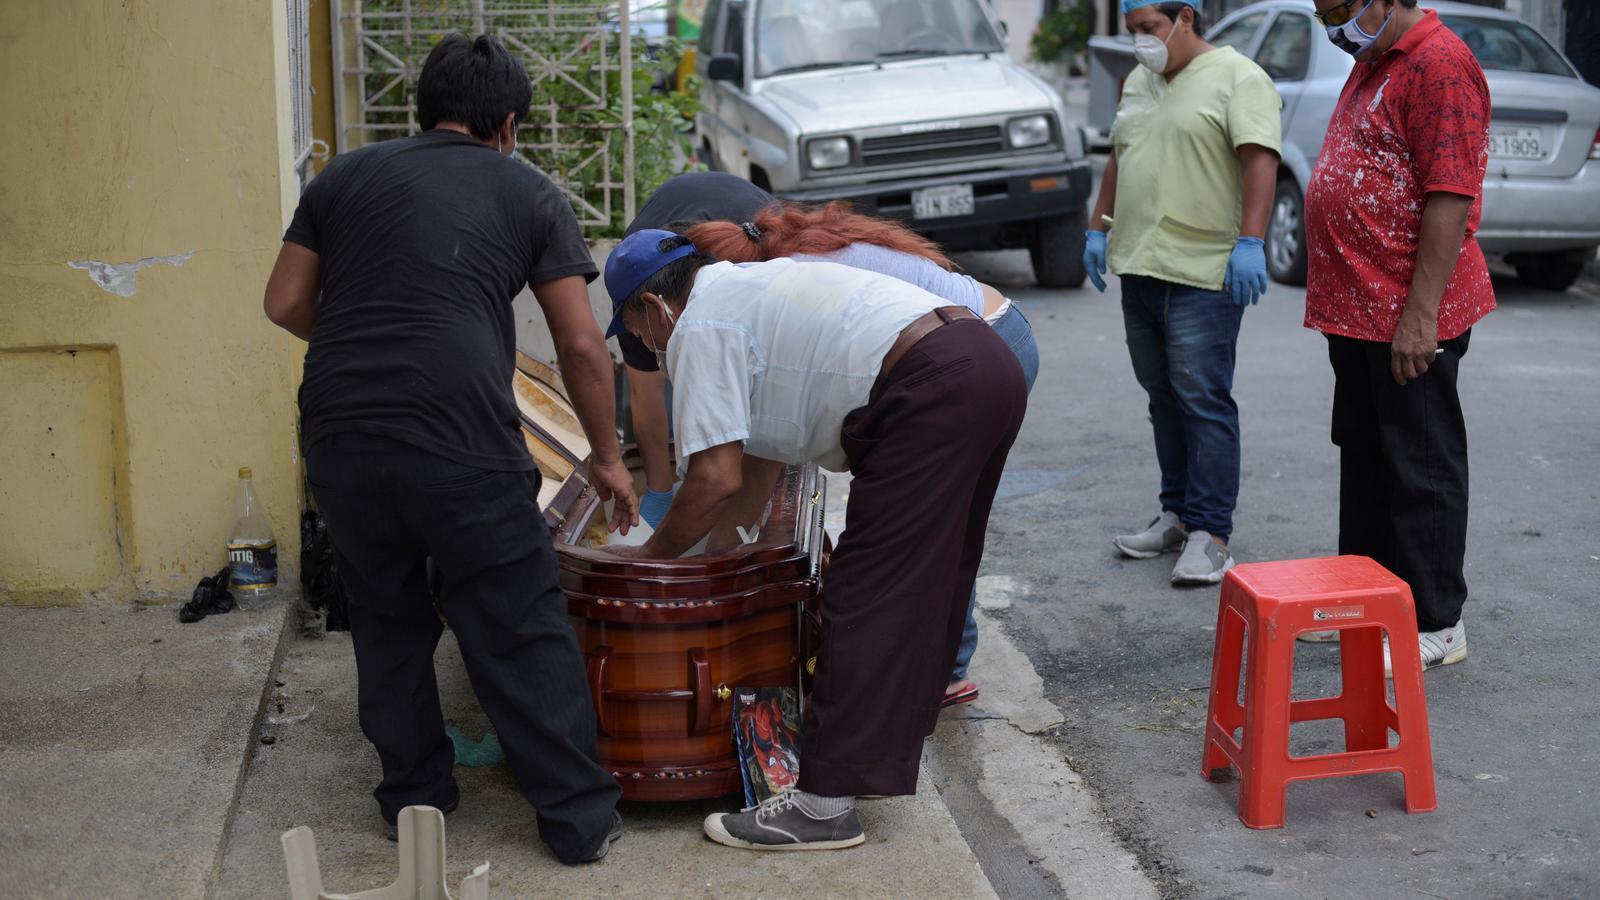 Familiars d'una víctima de Covid-19 acomoden la difunta al fèretre a Guayaquil, Equador